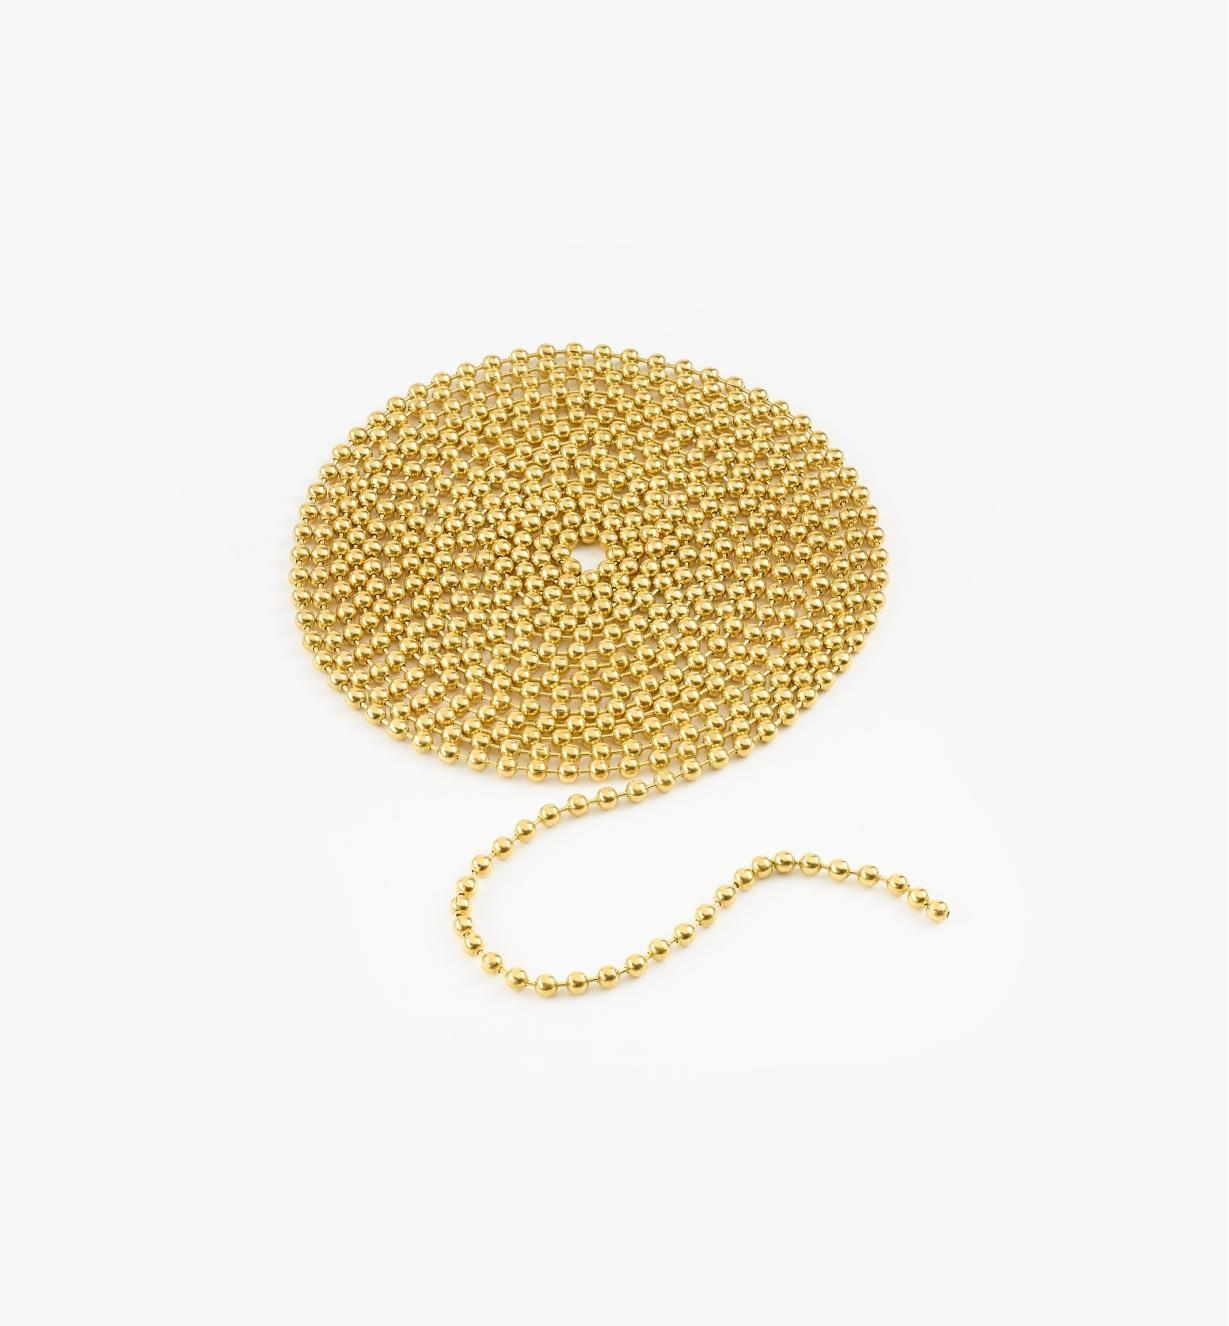 00G4401 - #10 Ball Chain, 10'